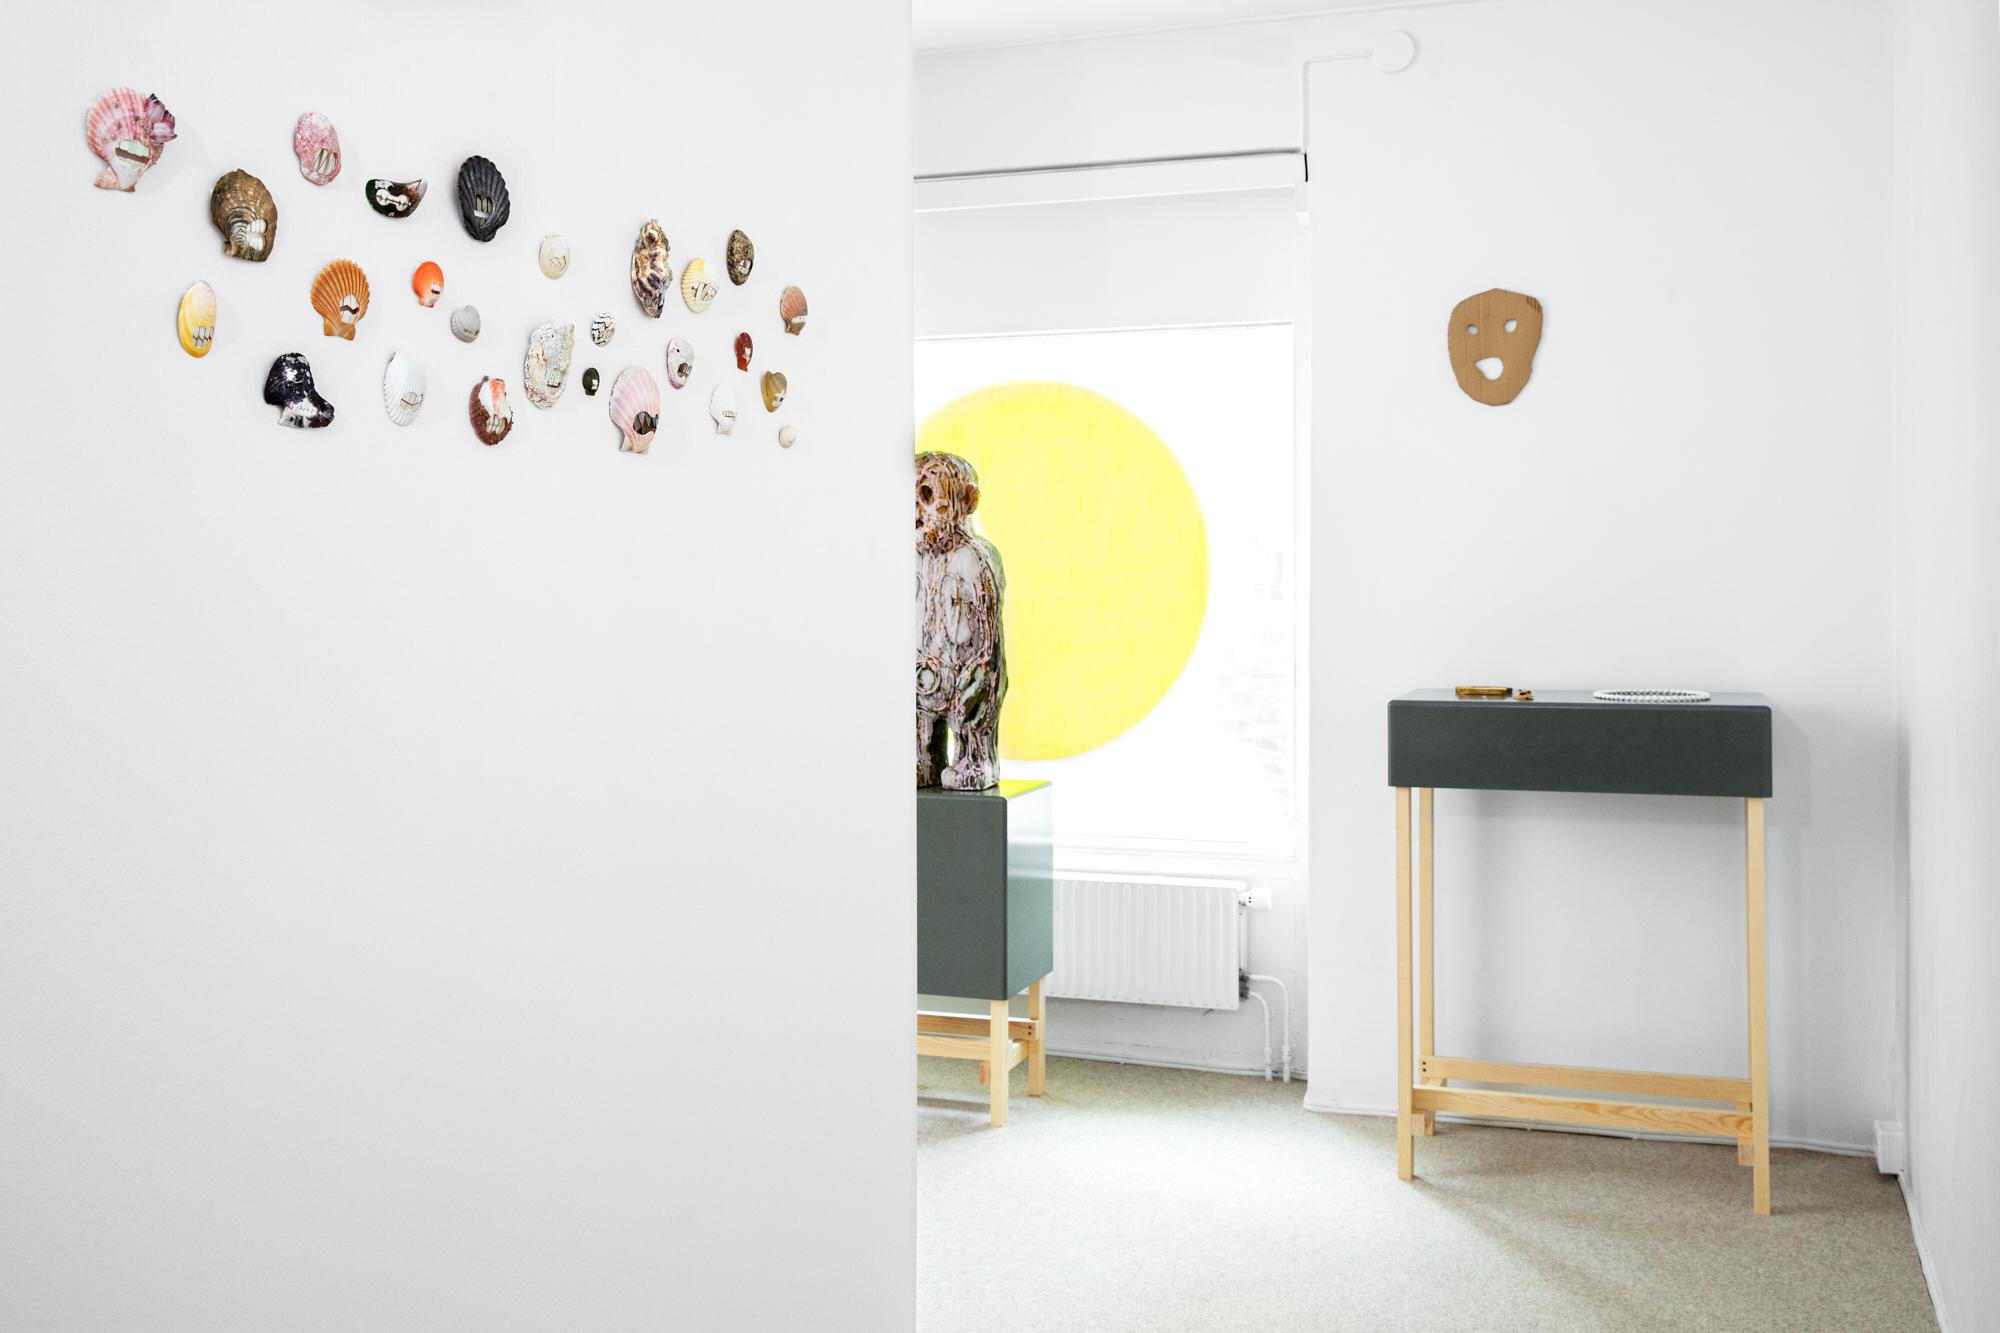 (smiling) faces, Benedikt Fischer, Pearly White, broches, 2020; Carl Richard Söderström, Hollow Mind, 2020; Mago Wiklund, Framför mig #1, 2017-2019. Foto Sanna Lindberg, schelp, parelmoer, steengoed, glas, verf, tentoonstelling